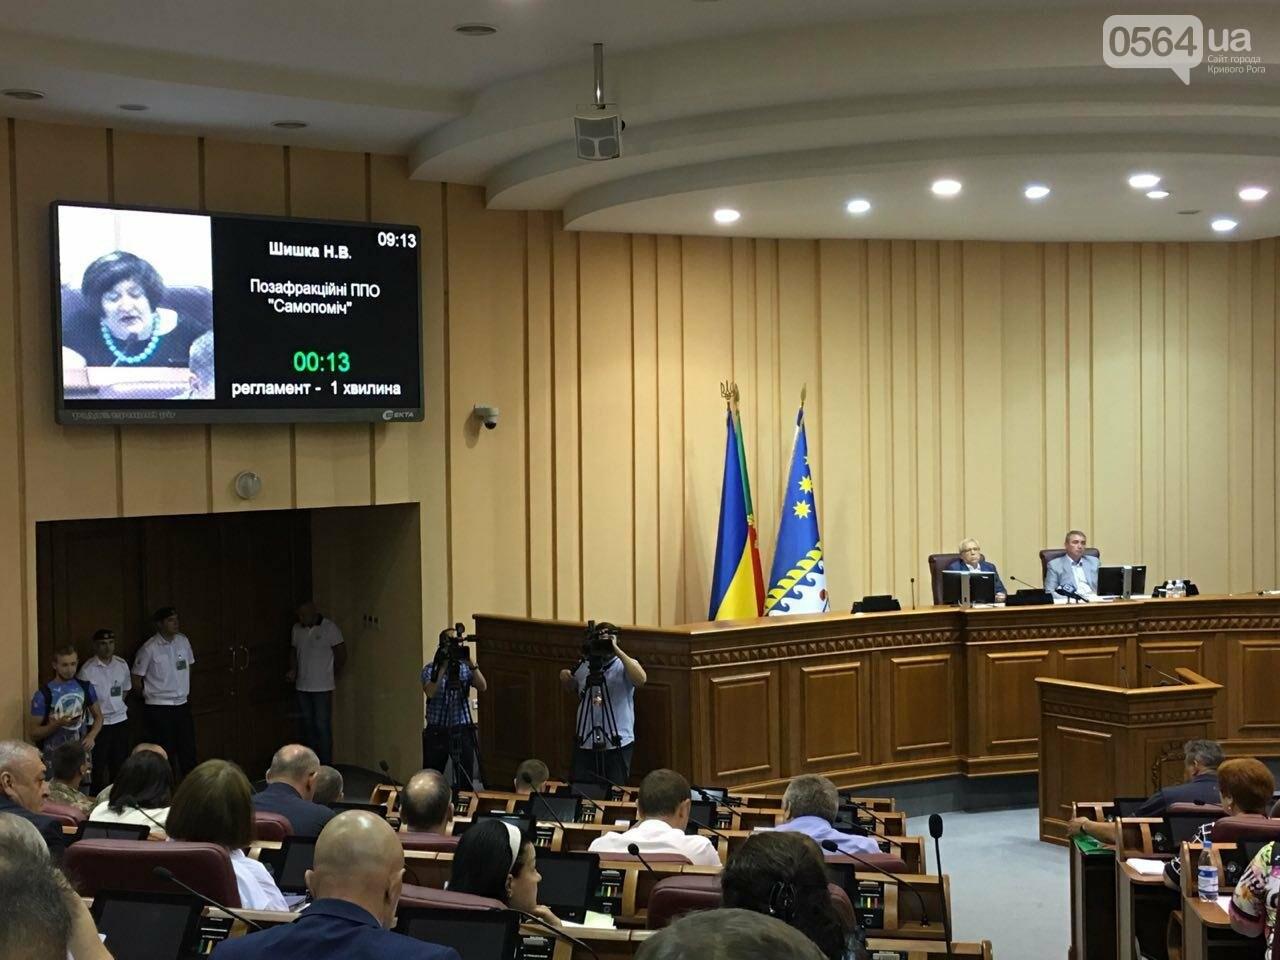 Для побратимства с беларусским Жодино в Криворожском горсовете не хватило 1 голоса, - ФОТО, фото-1